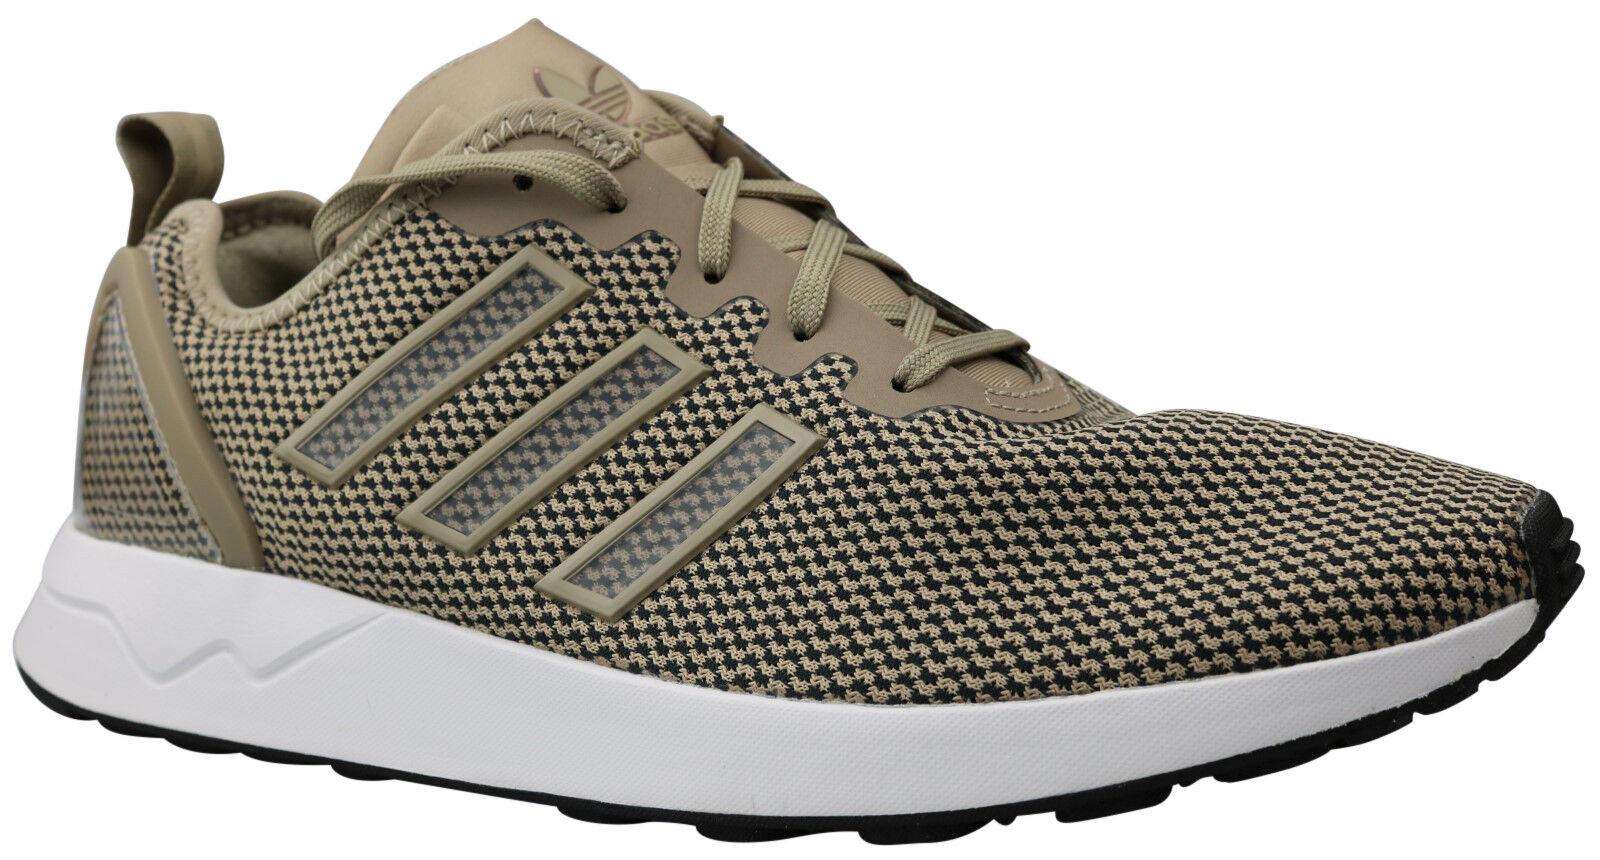 Adidas Originals ZX Flux ADV calcetines cortos zapatos beige aq2678 talla 41 - 45 nuevo